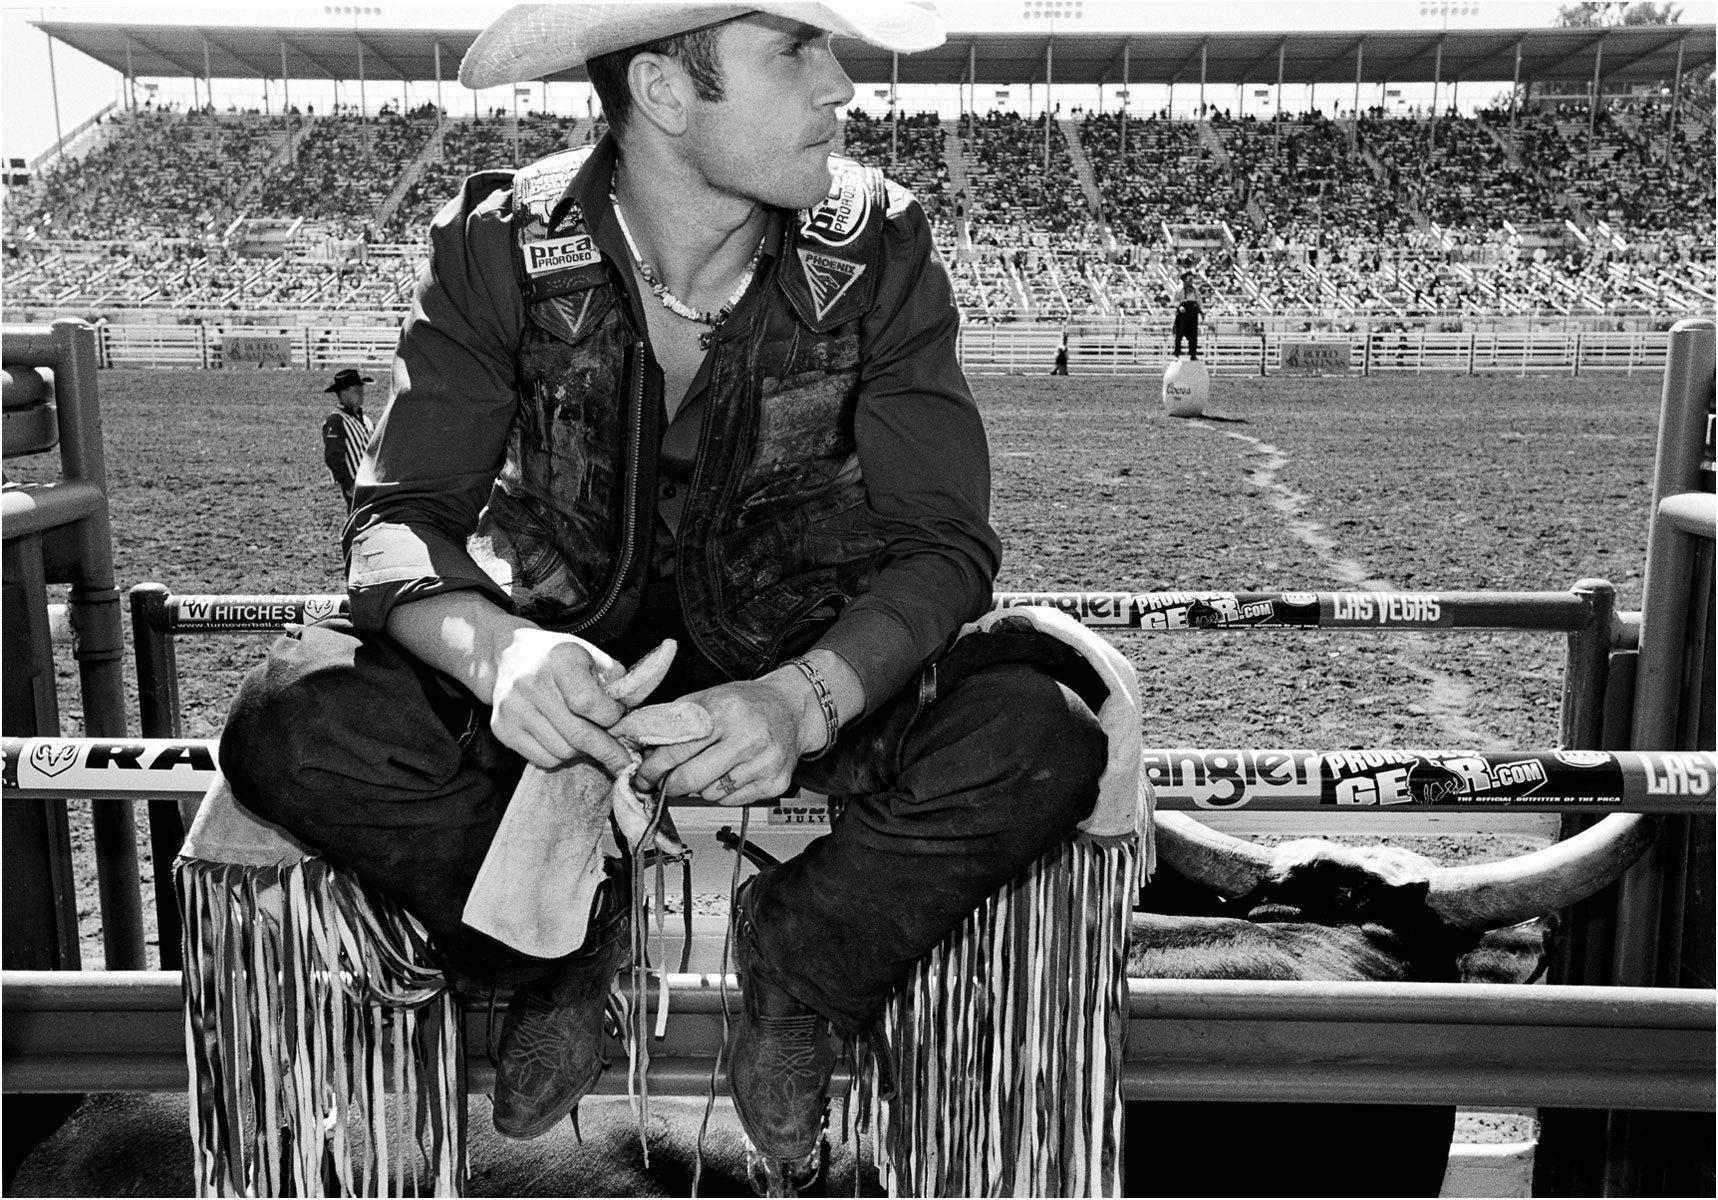 Cowboy in the Chutes - Caliornia Rodeo Salinas